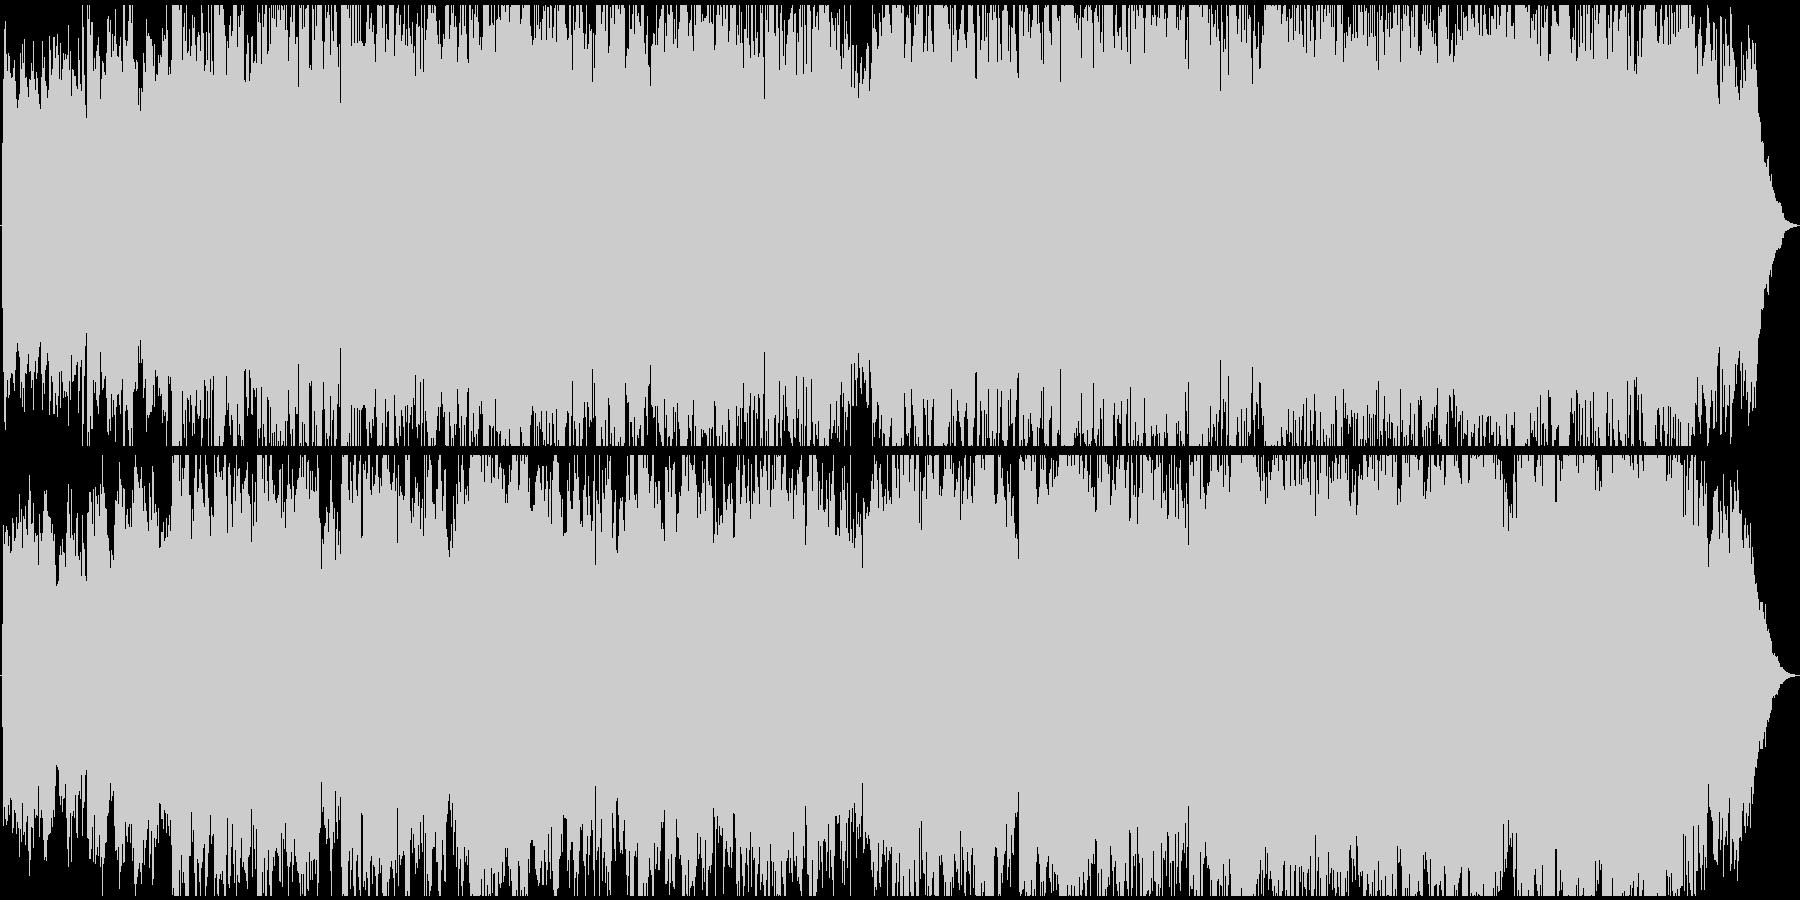 時代劇のオープニングの様な和風BGMの未再生の波形